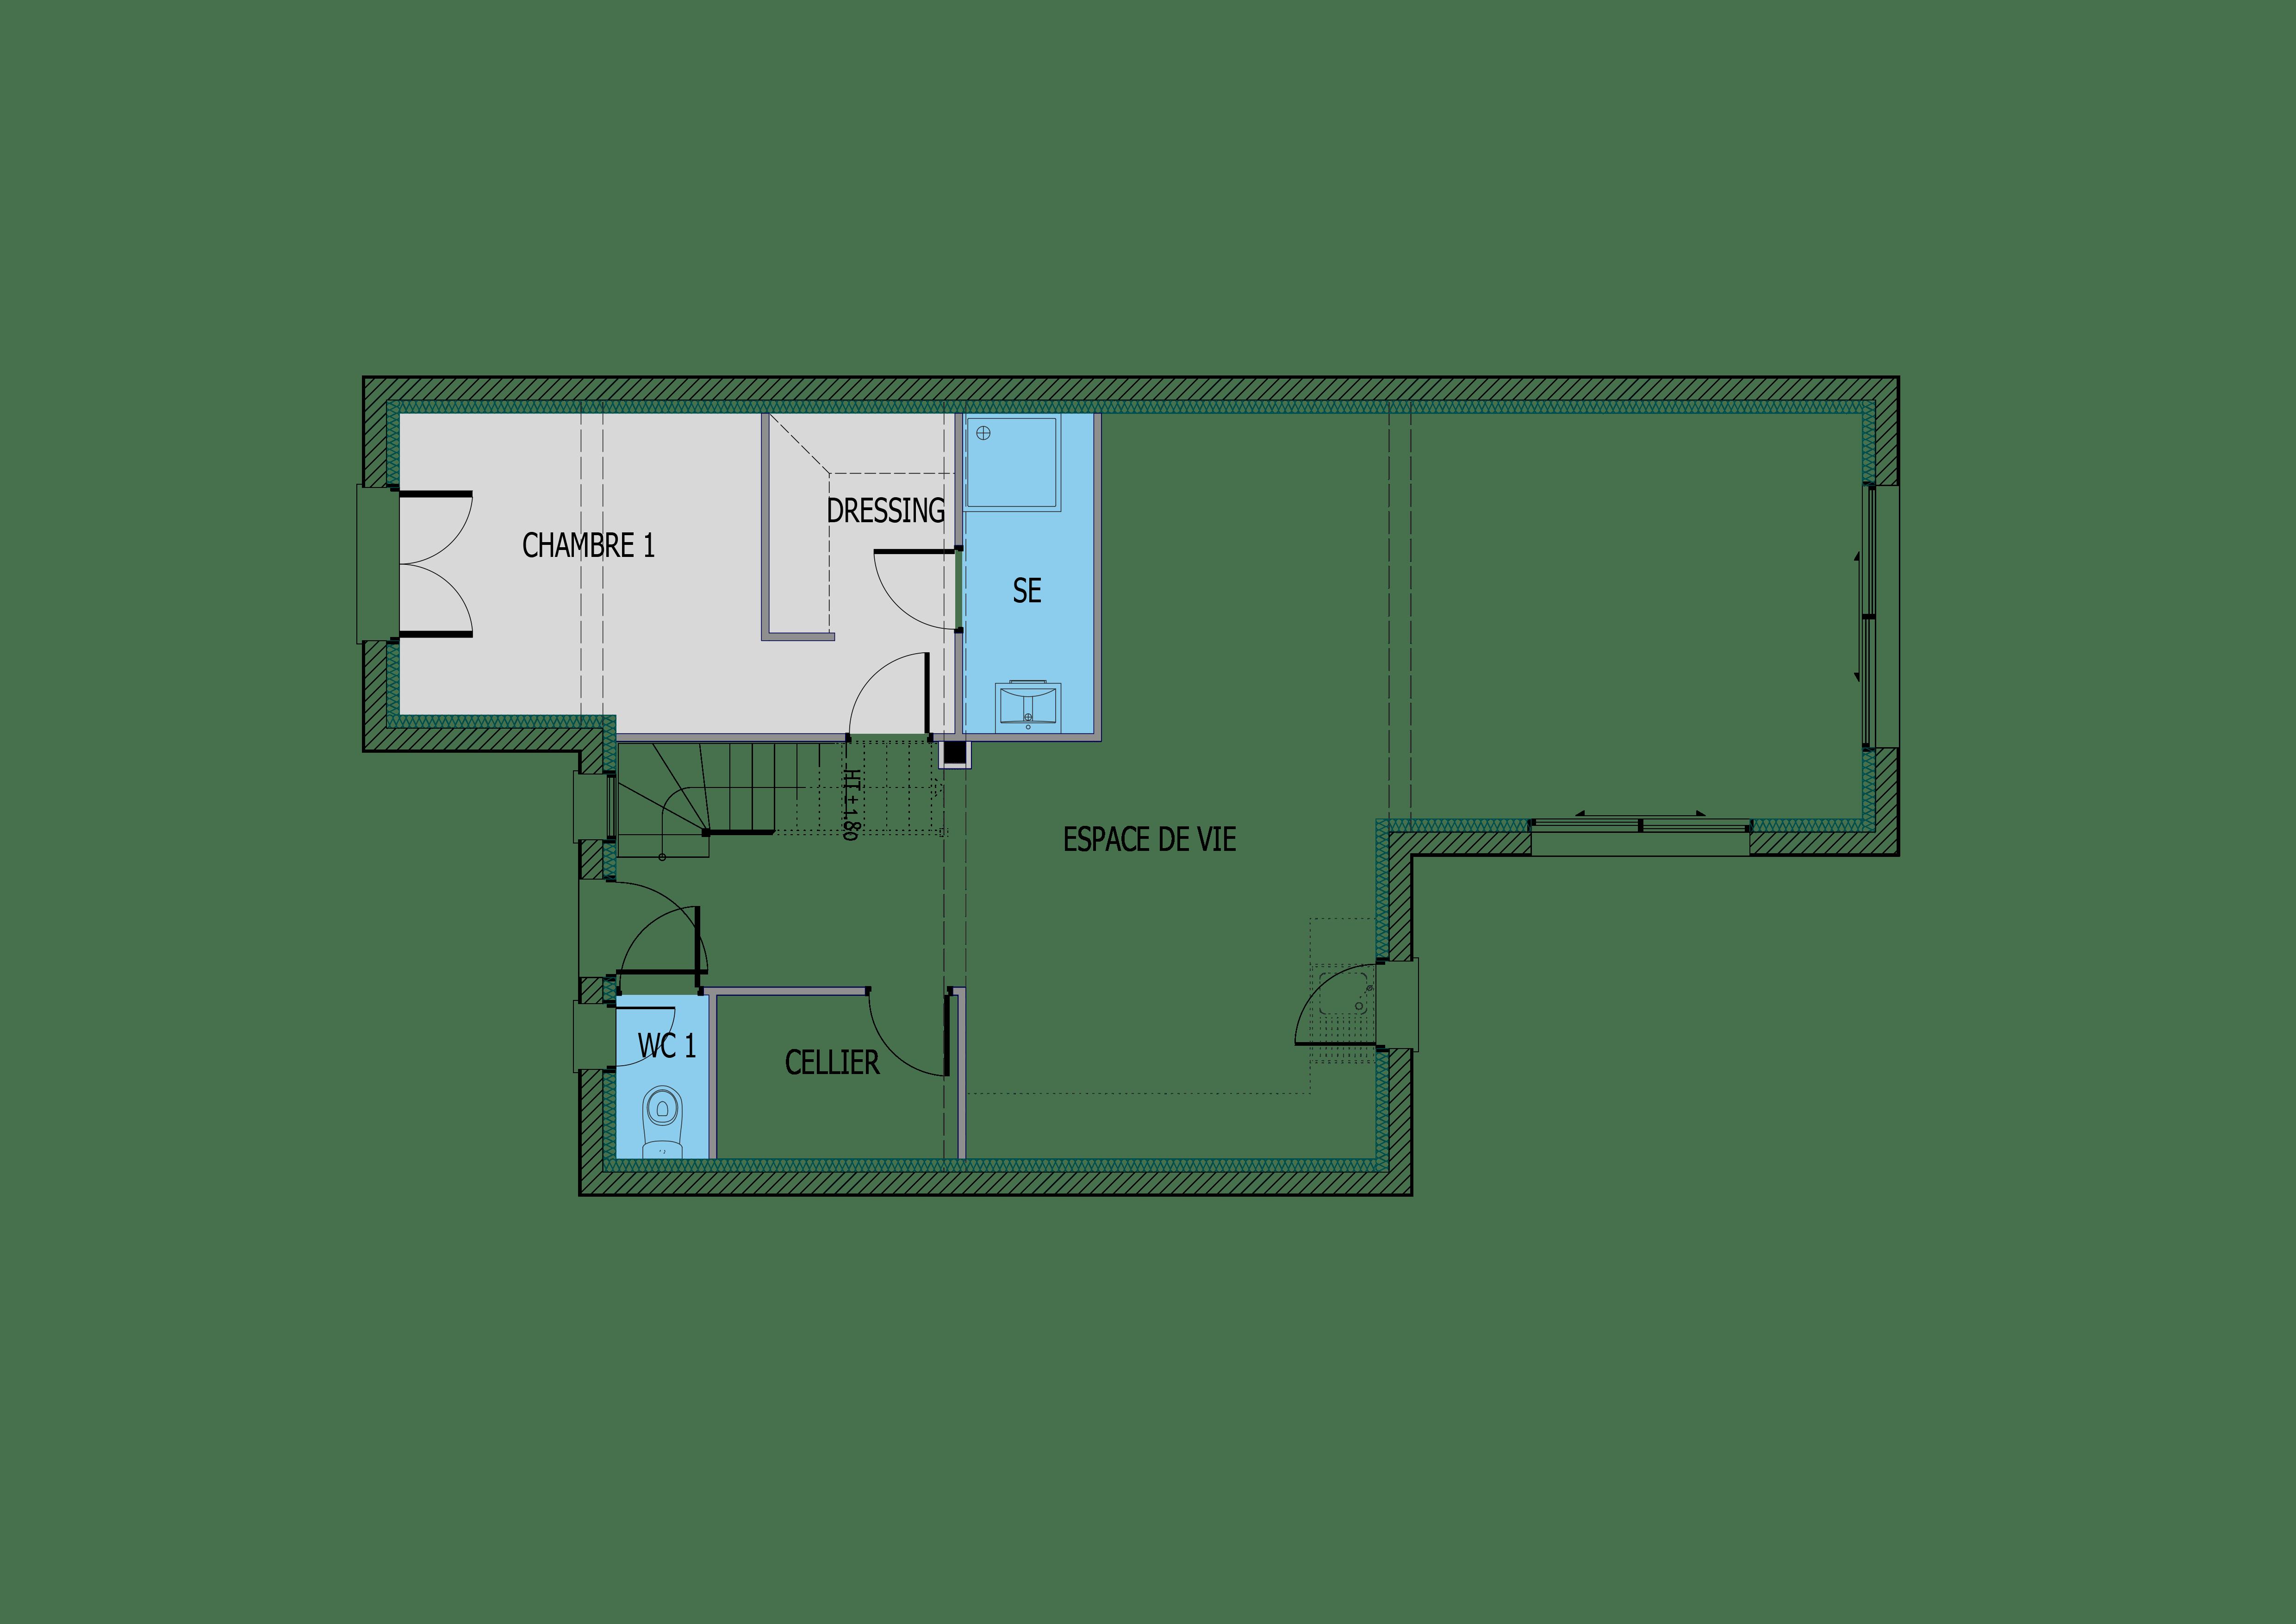 PA1904_SICILE_110_PLAN_COULEUR_RDC.png